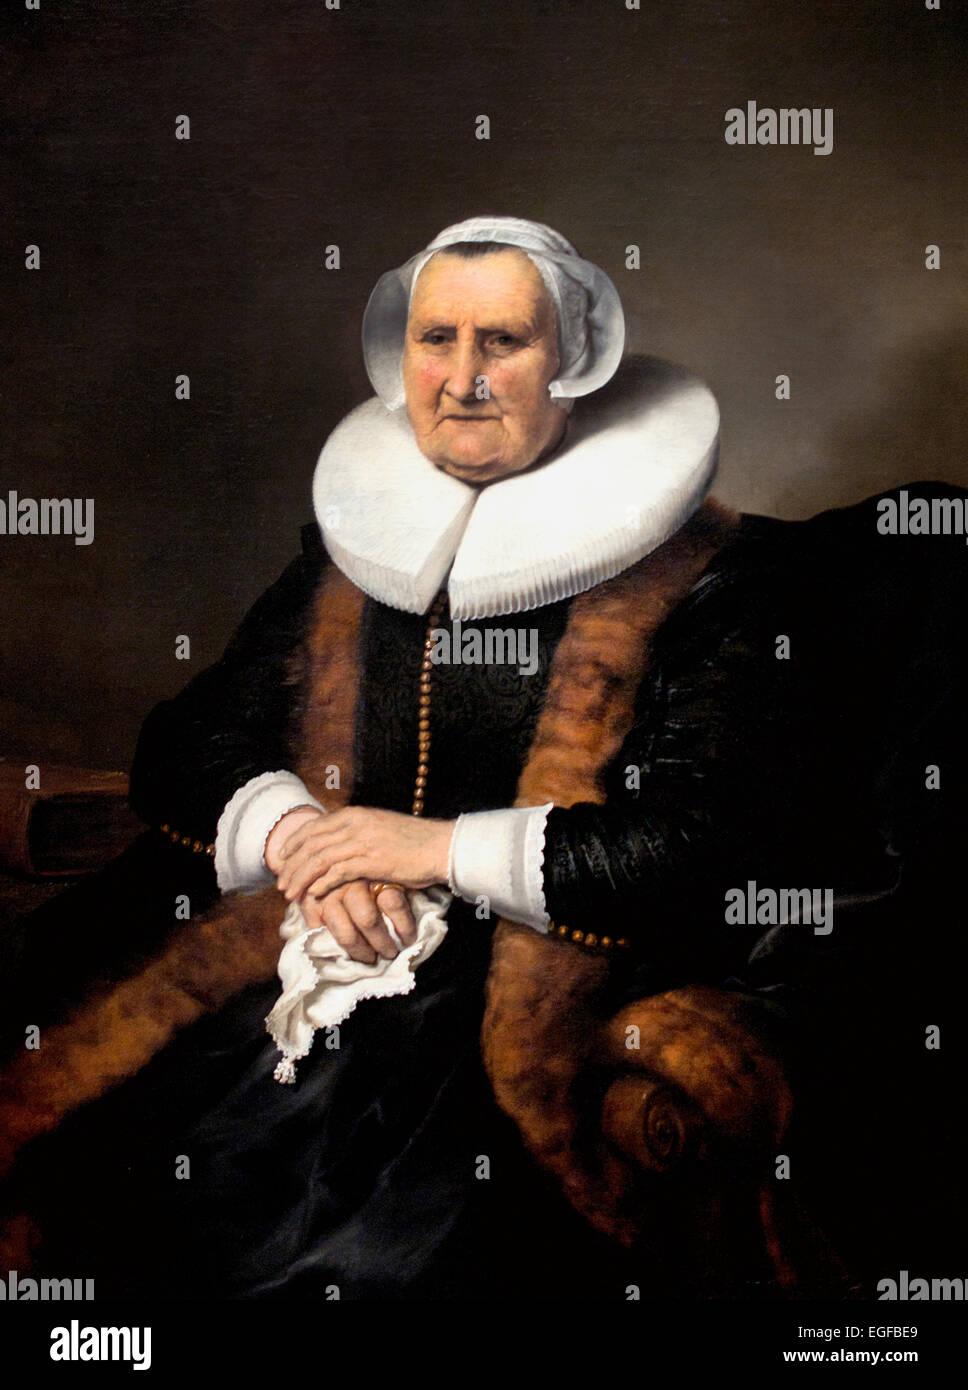 Portrait d'une vieille dame Elisabeth Bas 1640 Ferdinand Bol Néerlandais Pays-Bas 1616-1680 Photo Stock